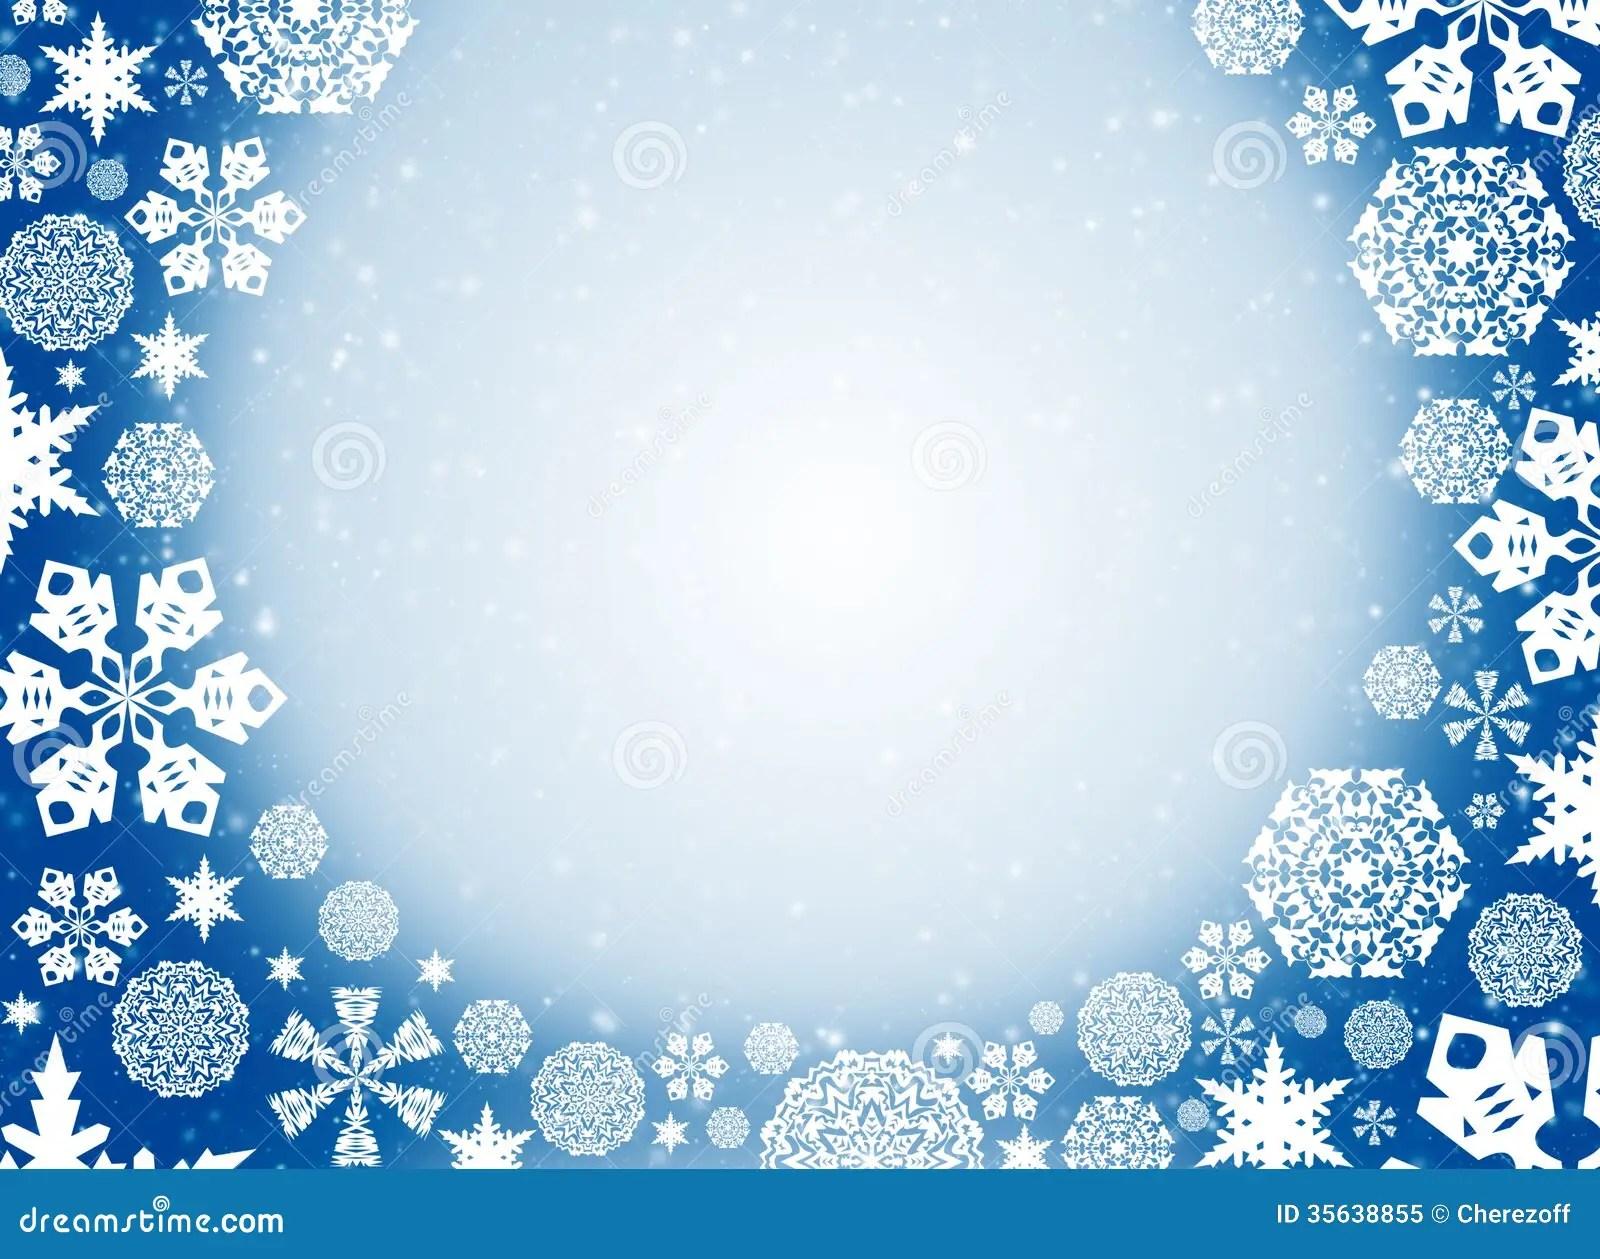 Wallpaper Border Falling Off Christmas Frame Stock Illustration Image Of Letter